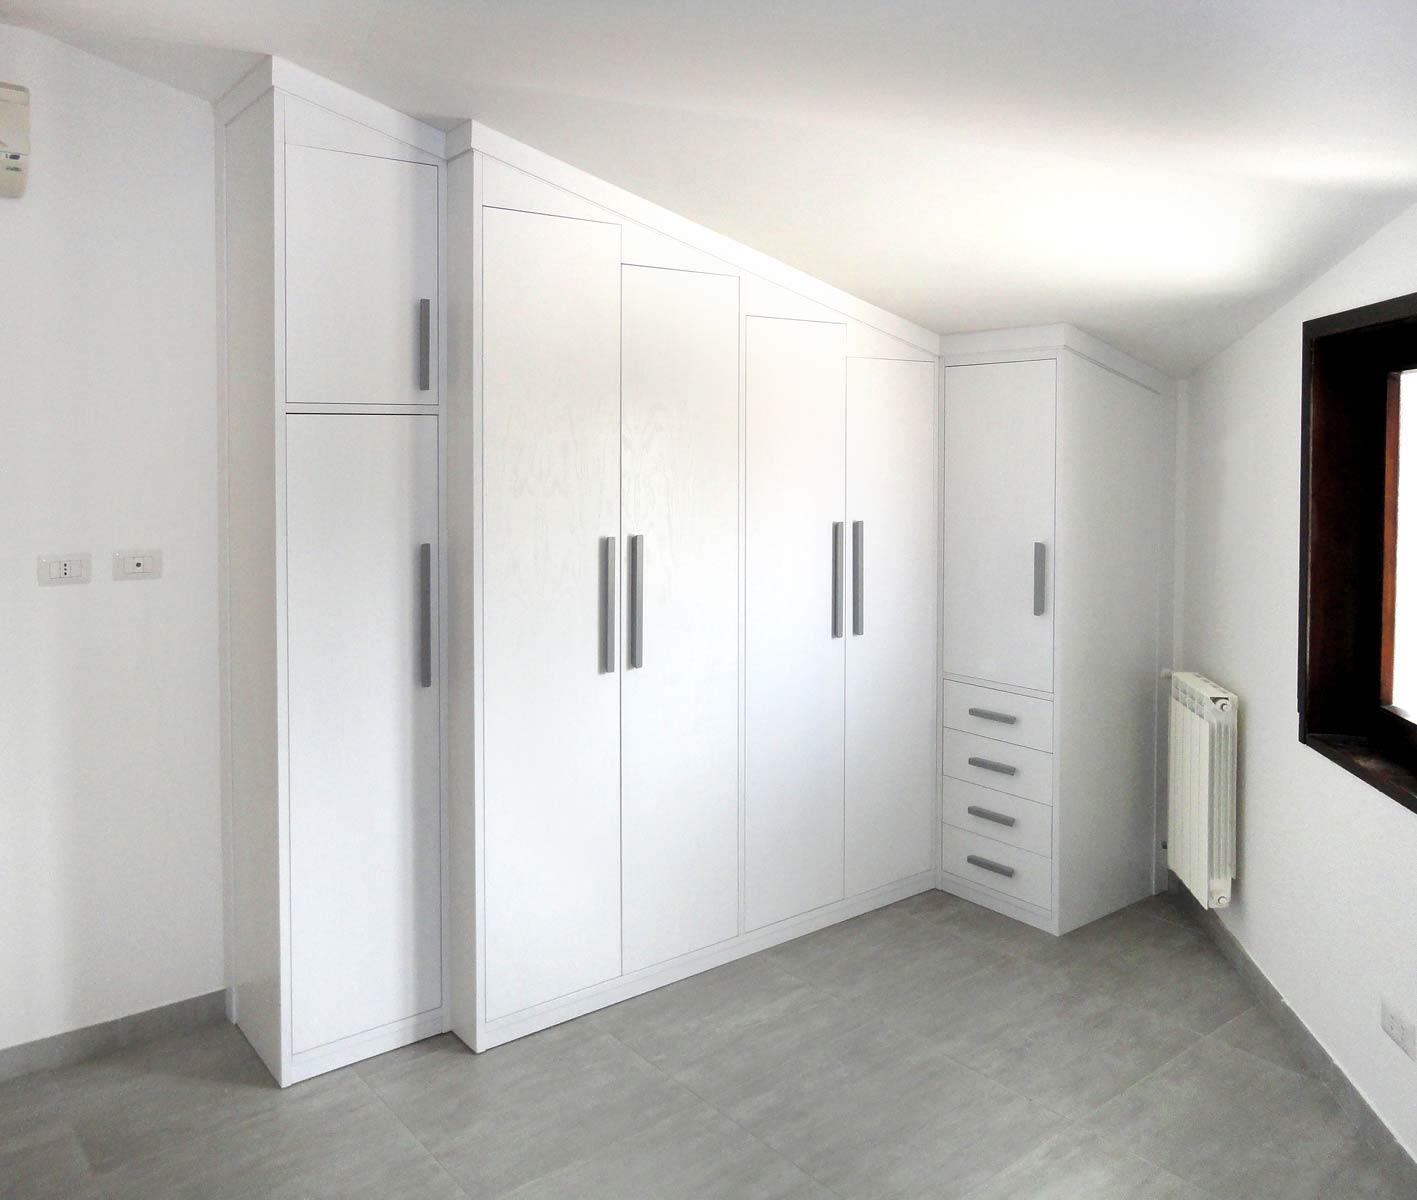 Armadi per esterno su misura design casa creativa e for Armadi per esterni